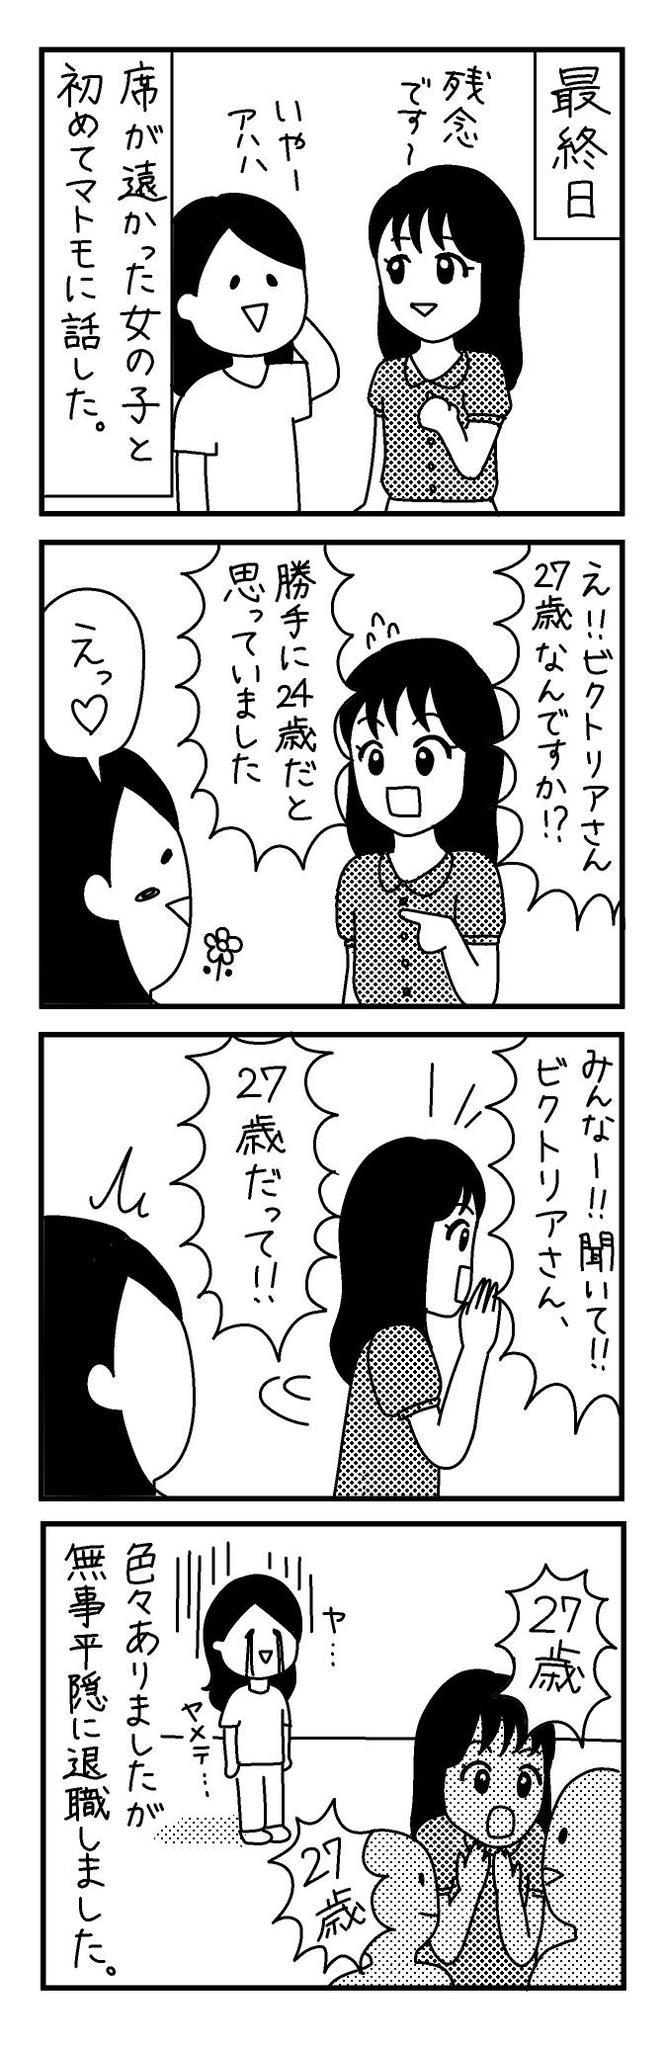 【4コマ漫画】第21回「ビクトリアな日々」作:ビクトリアブラディーヌ